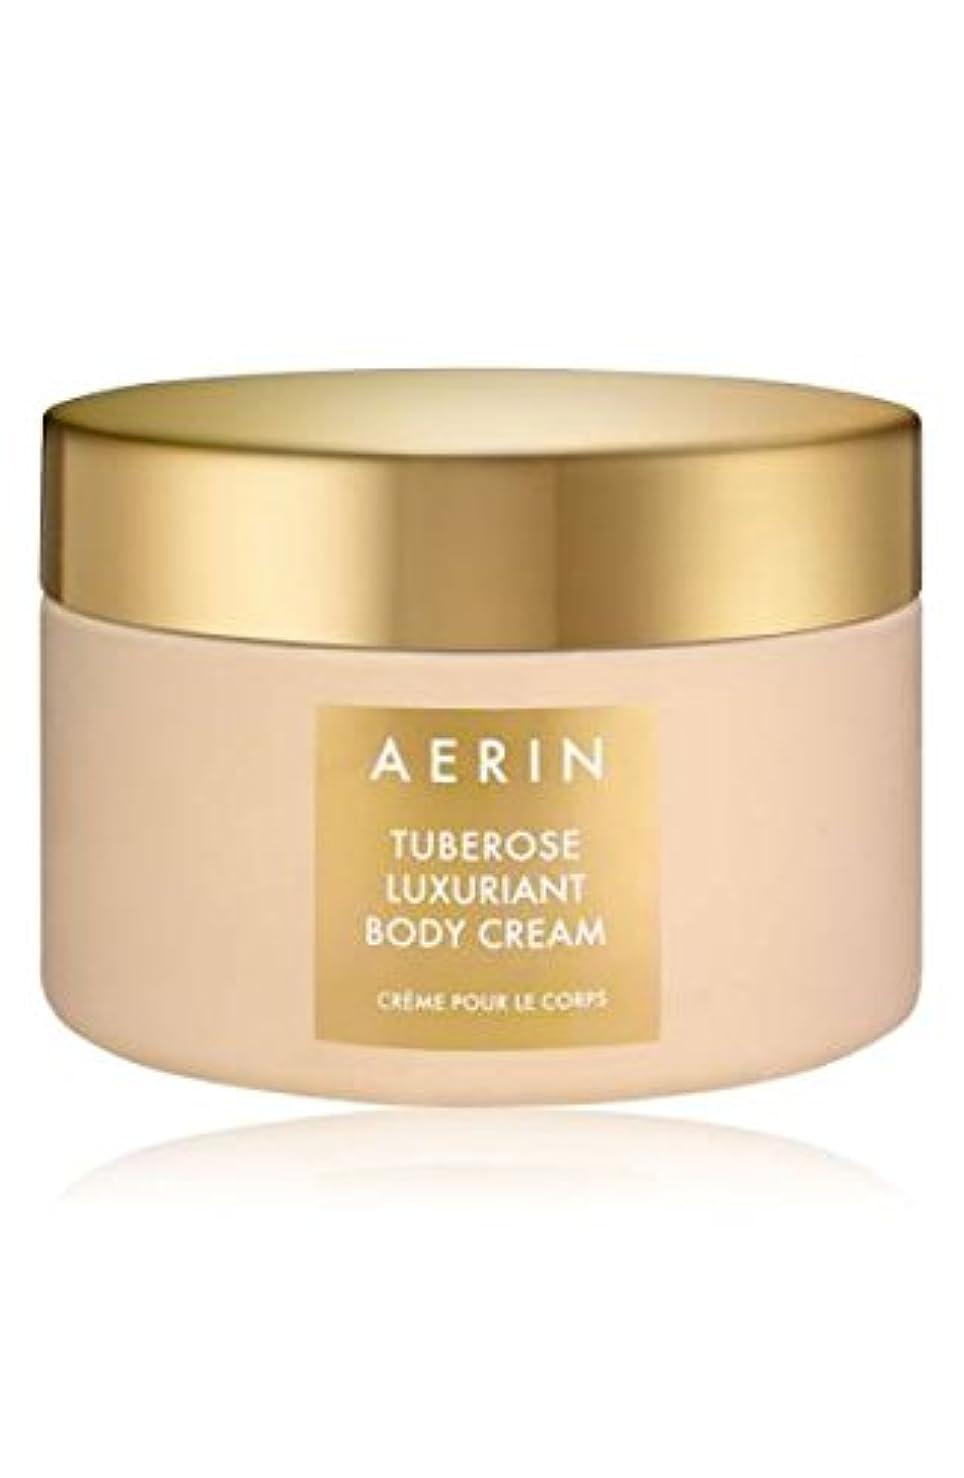 政治しみ再発するAERIN Tuberose Luxuriant Body Cream (アエリン チュベローズ ラグジュアリアント ボディー クリーム) 6.5 oz 195ml) by Estee Lauder for Women